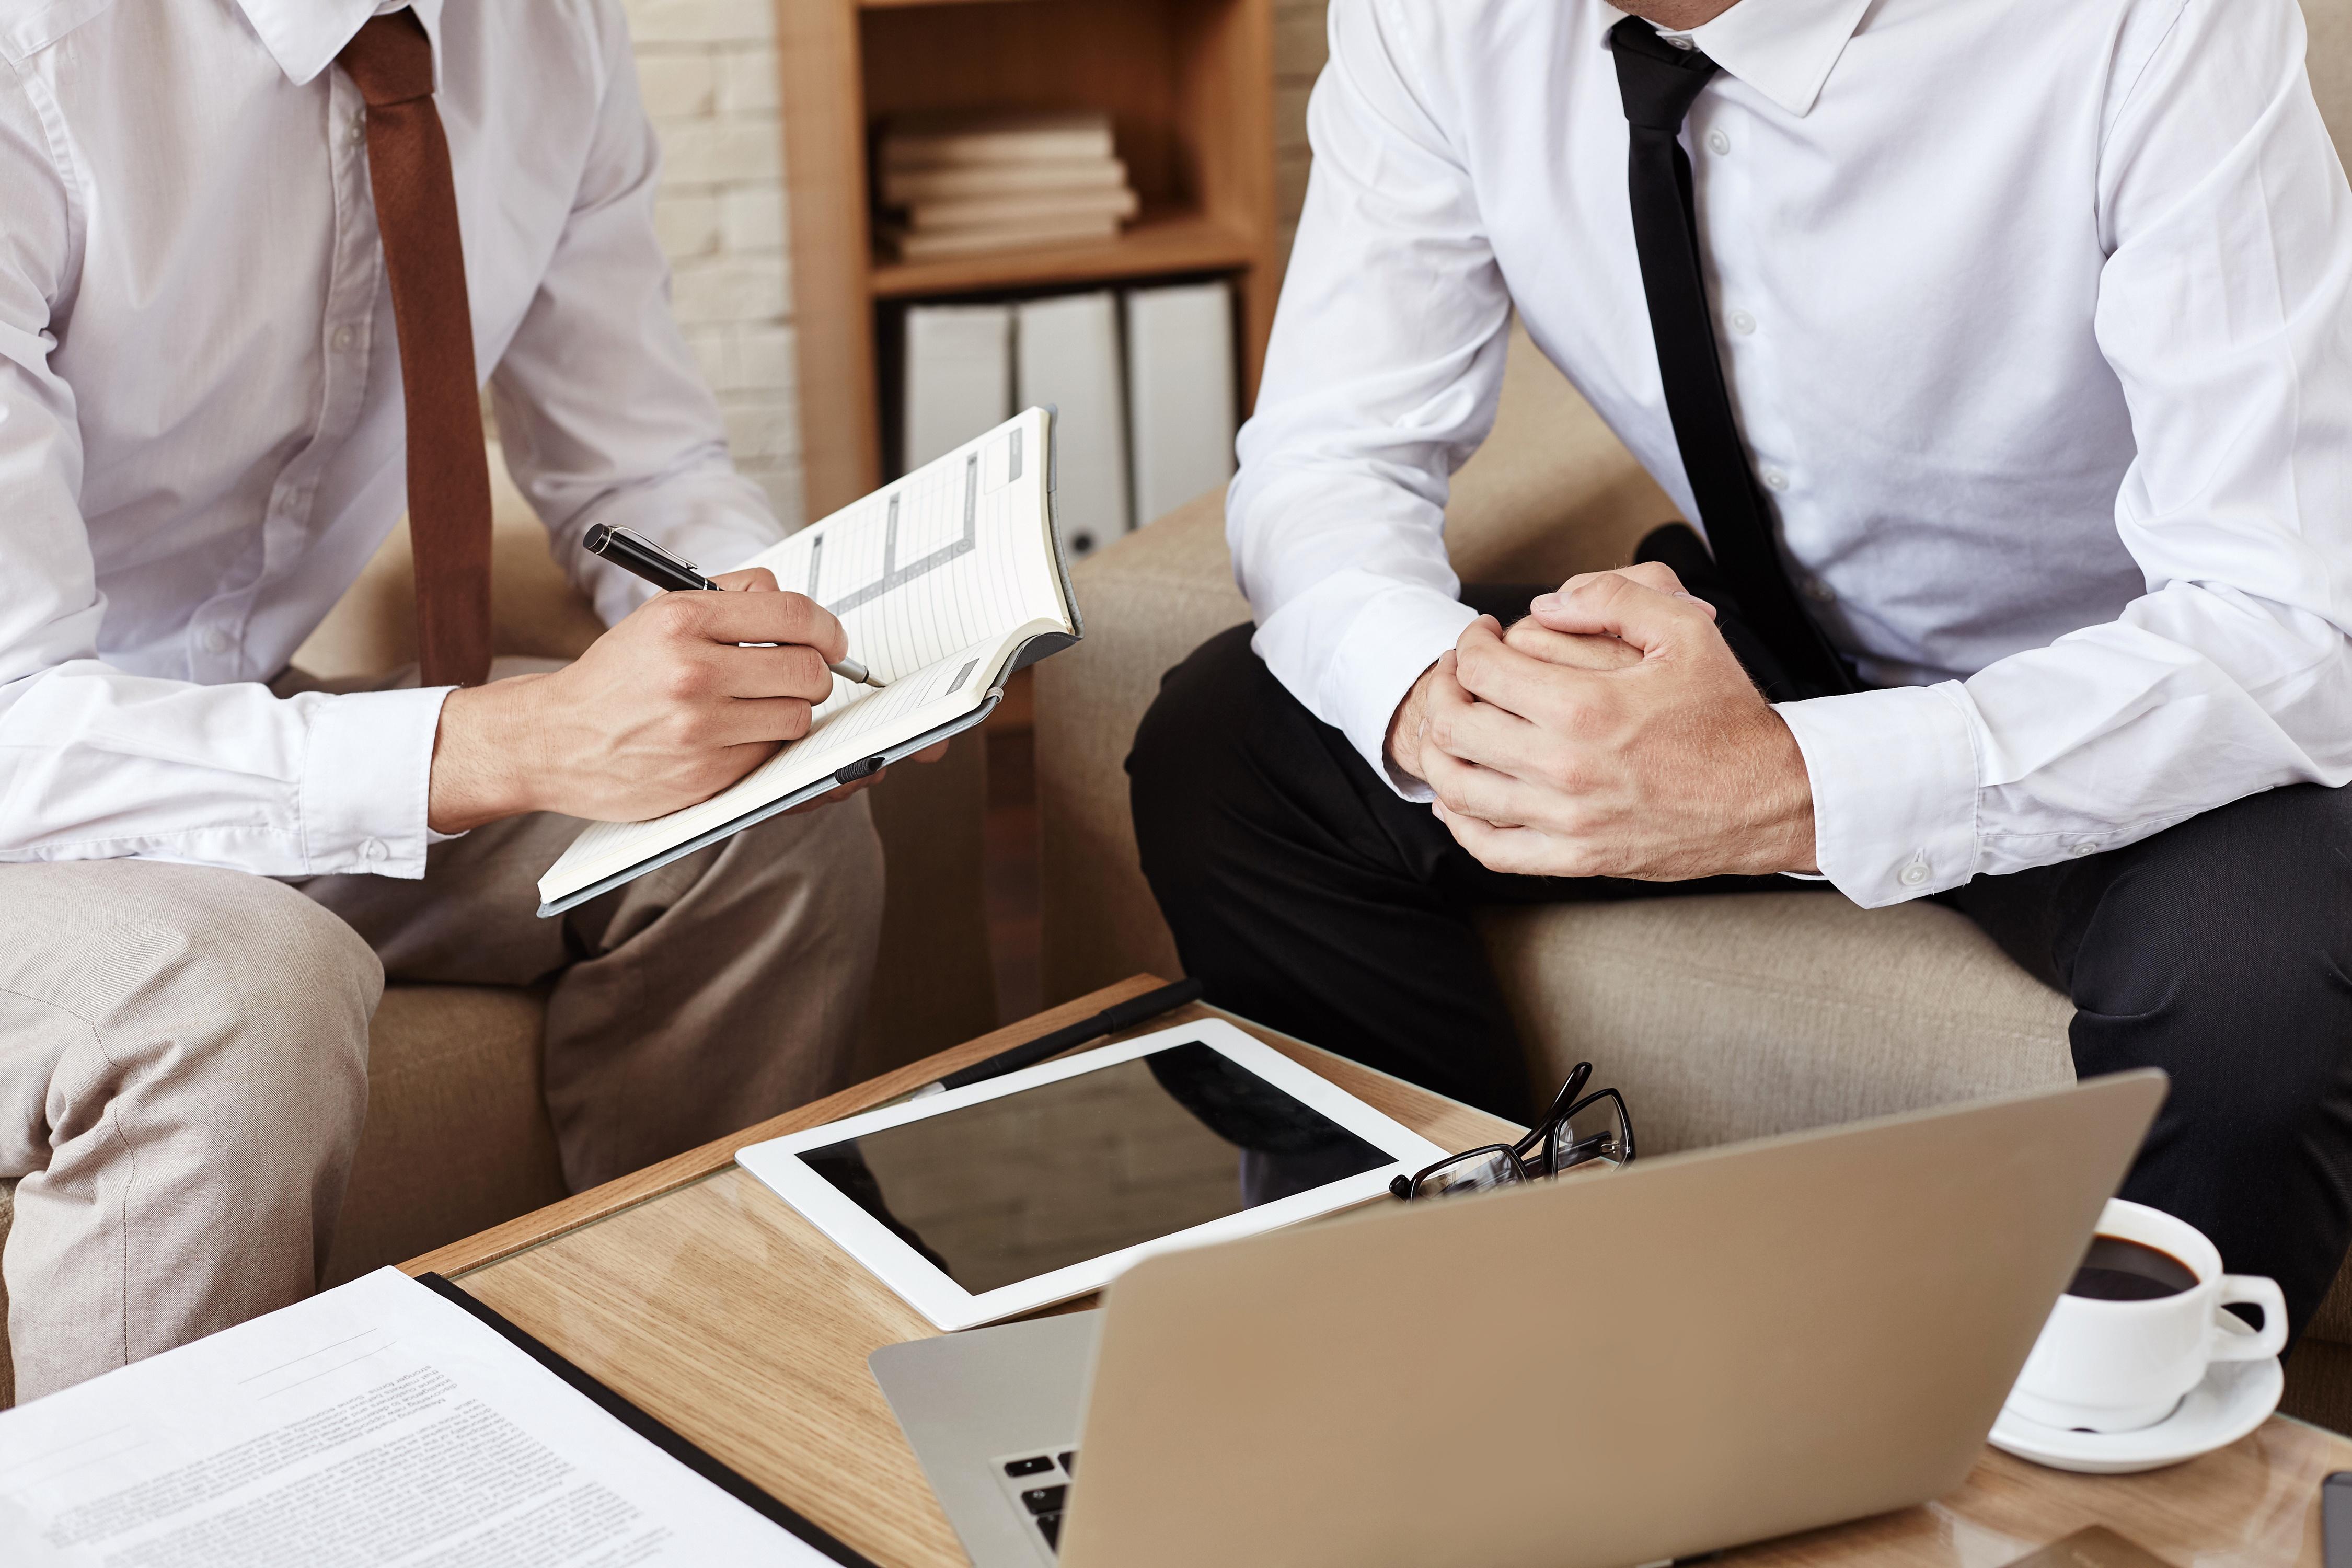 businessmen-at-meeting-P4M4QFV